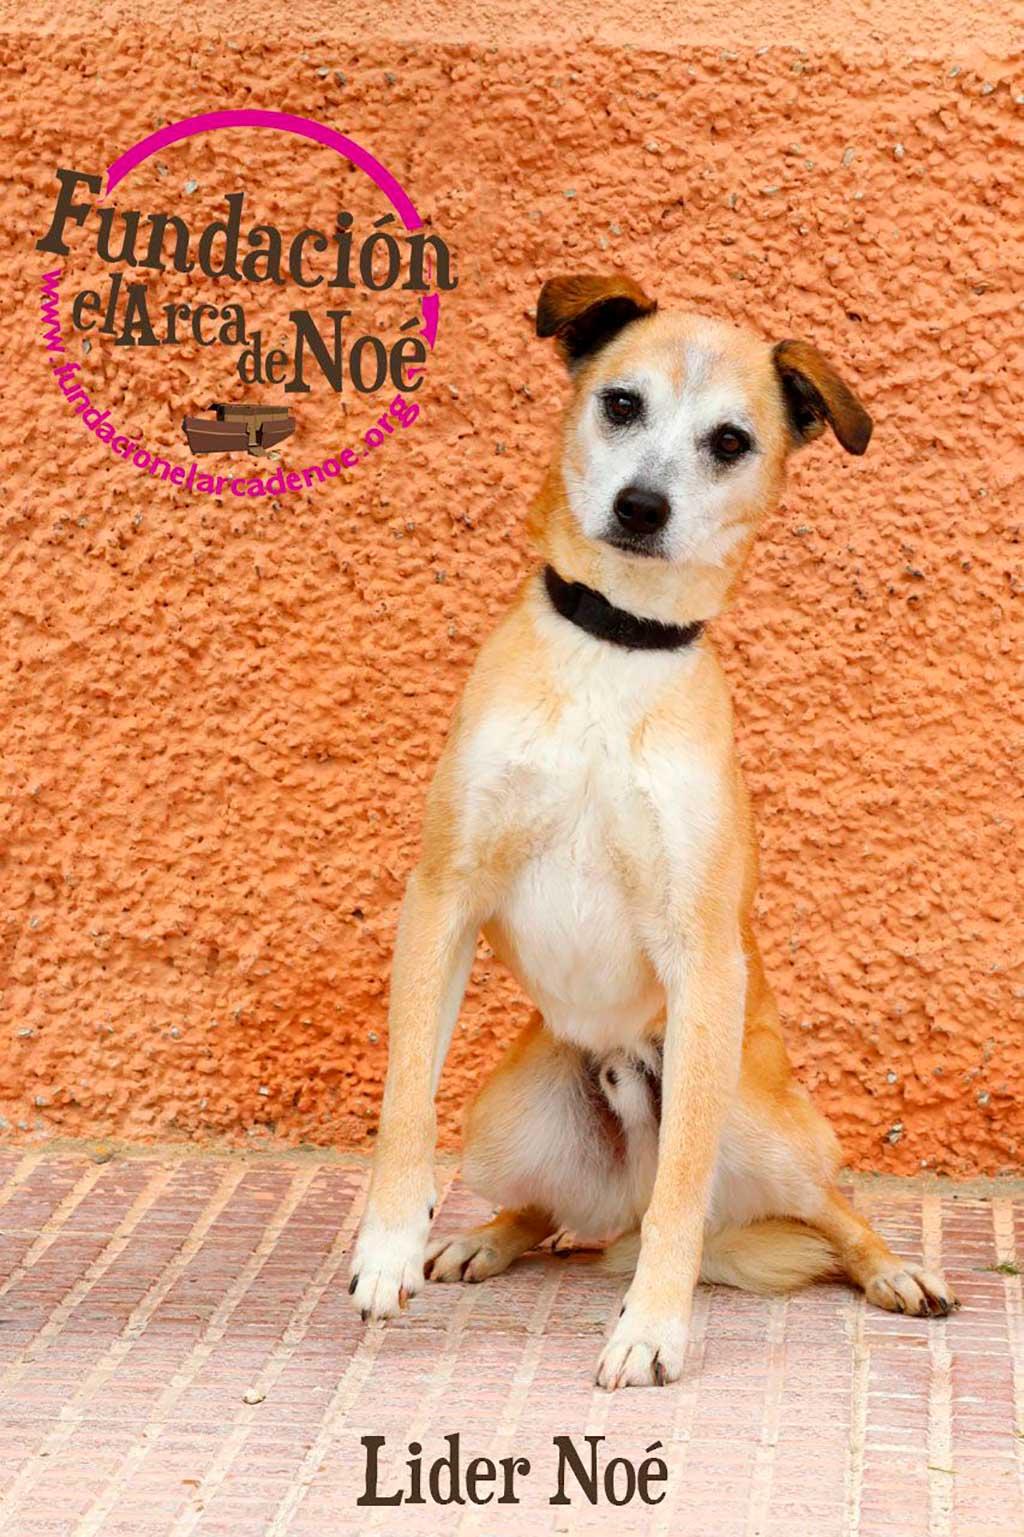 Perroton beca por primera vez en España la adopción responsable de un perro abandonado.